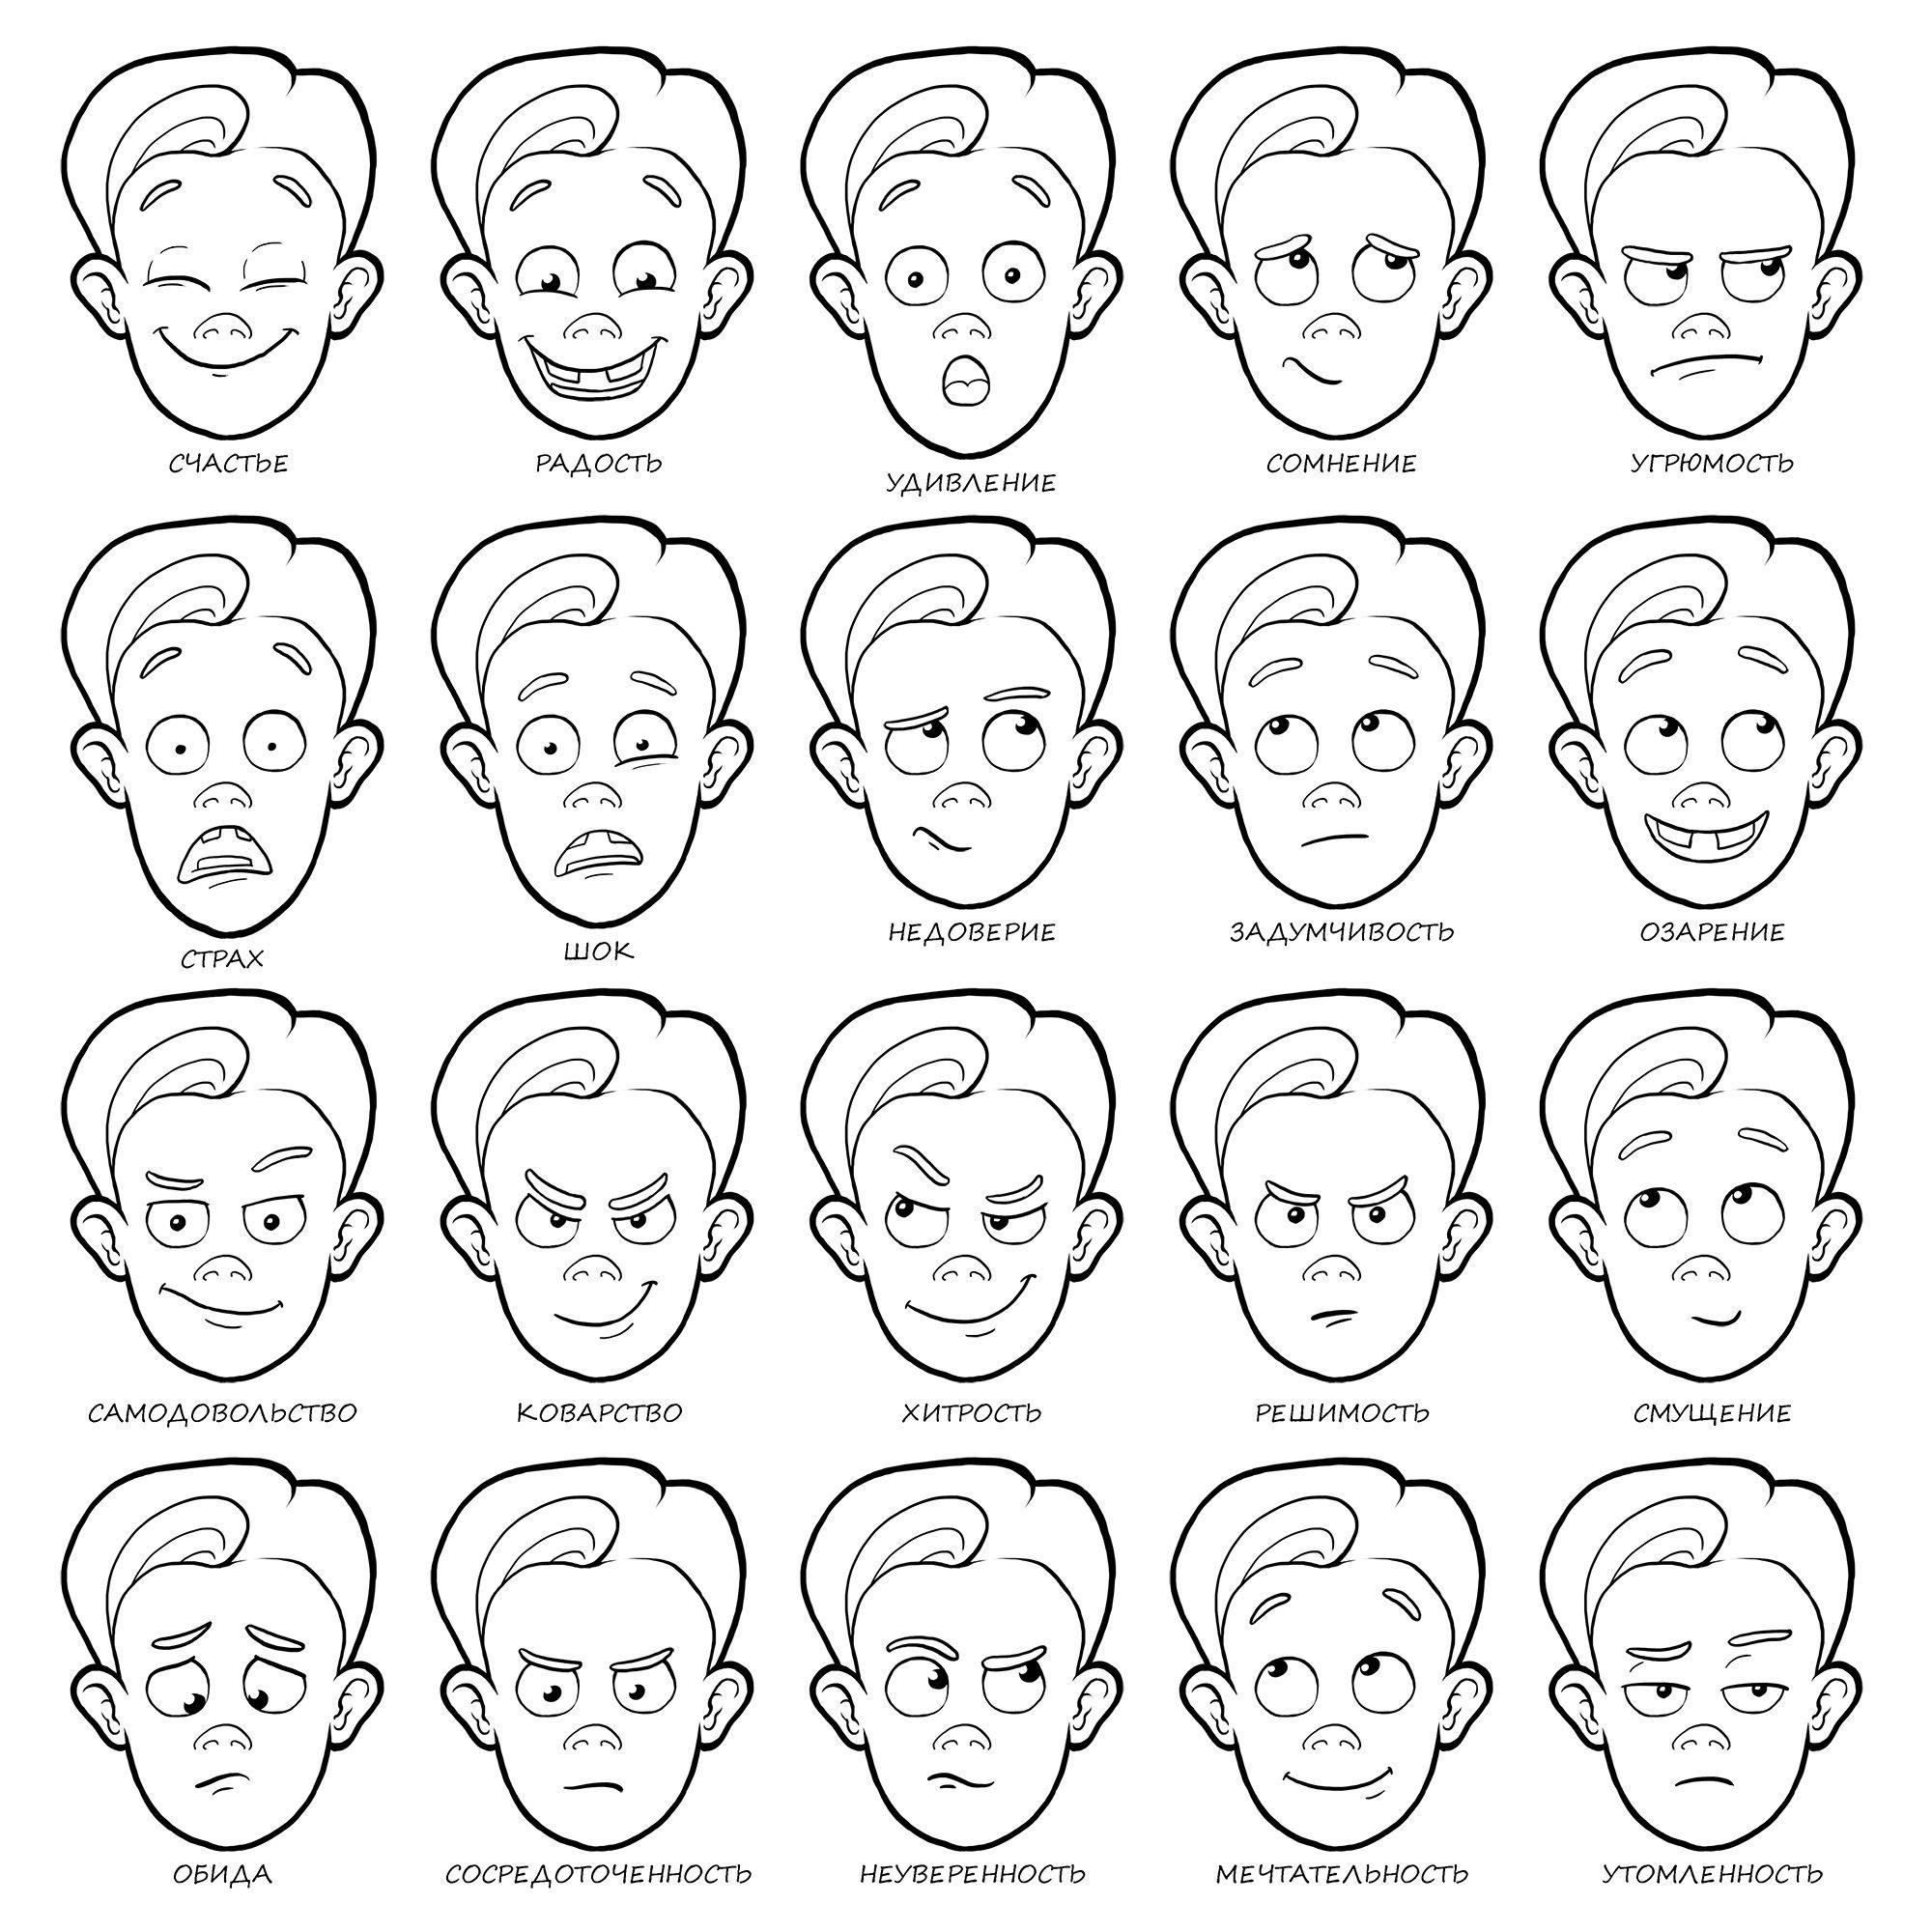 Мимика лица в картинках для детей и их описание